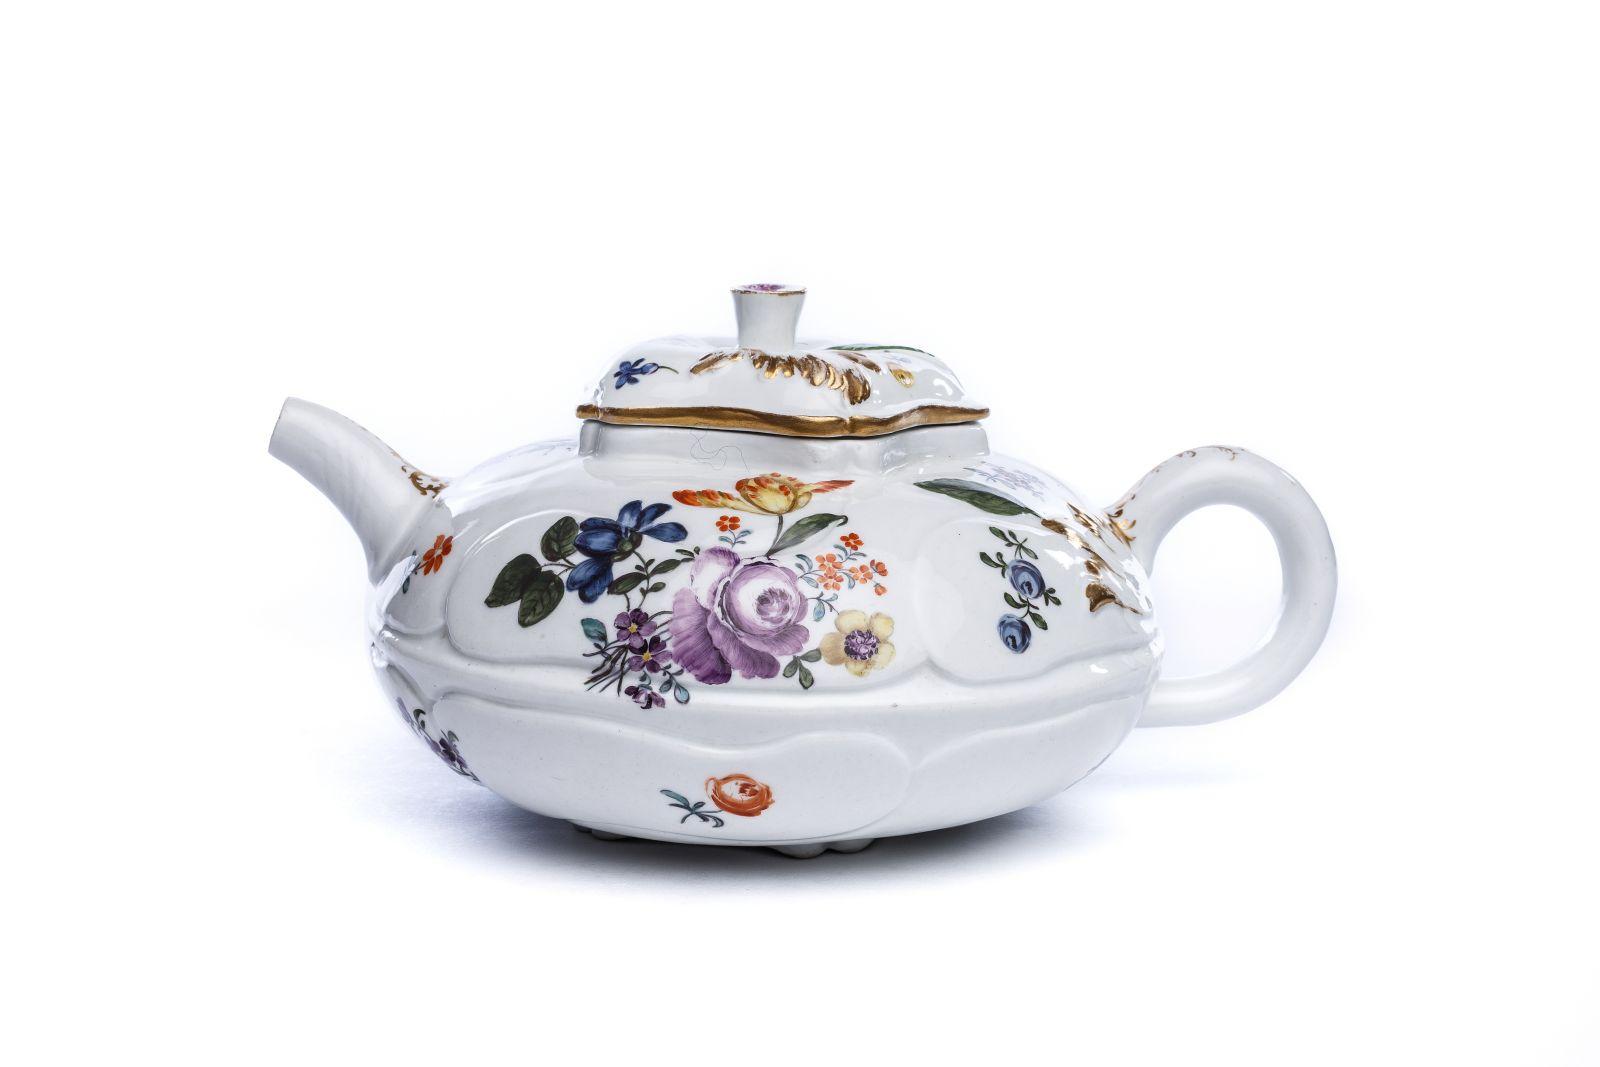 #36 Rare large tea pot Image